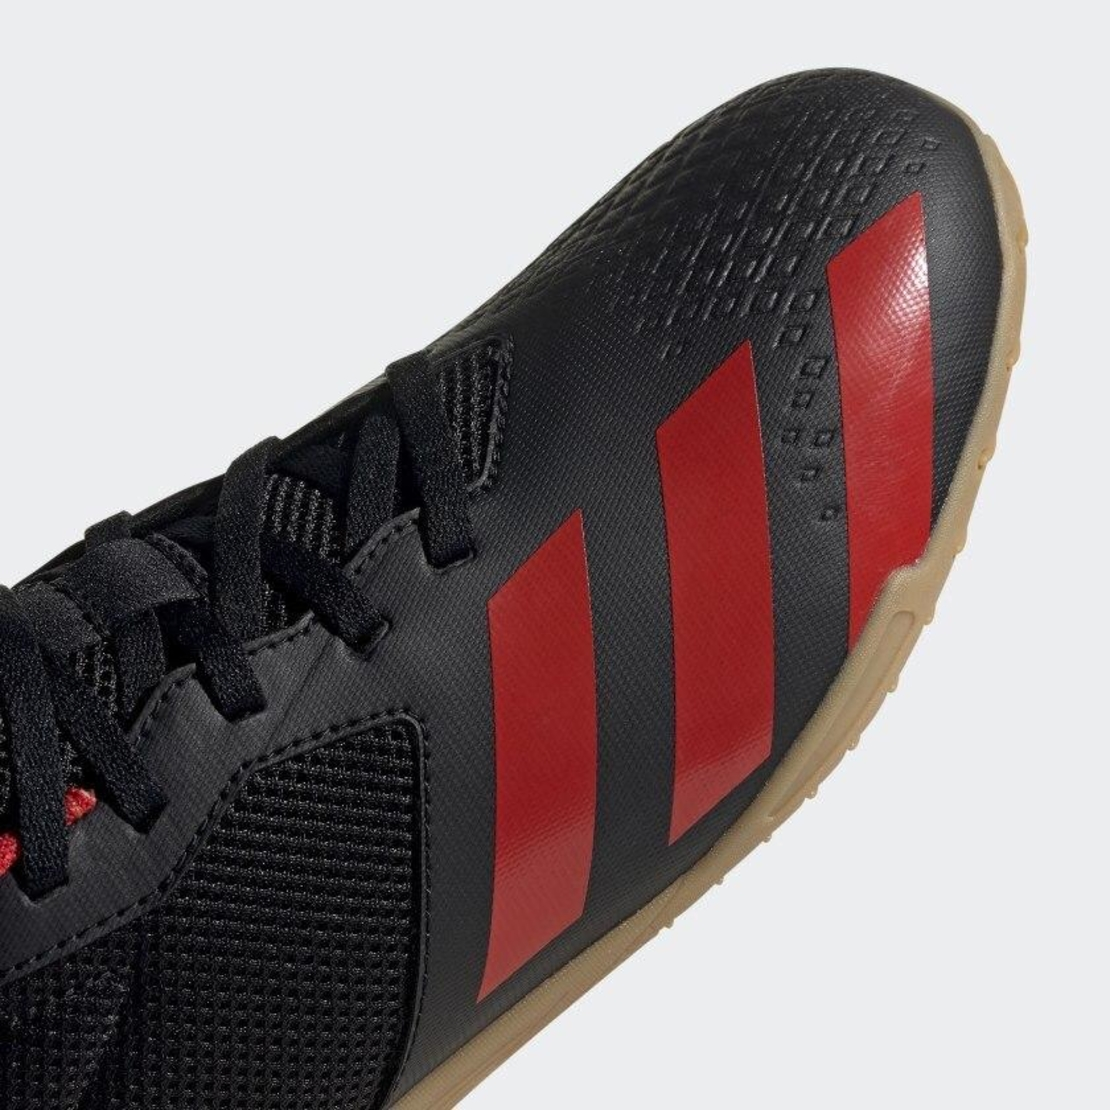 נעלי קטרגל סוליה דבש לגברים Adidas Predator 20.4 In Sala